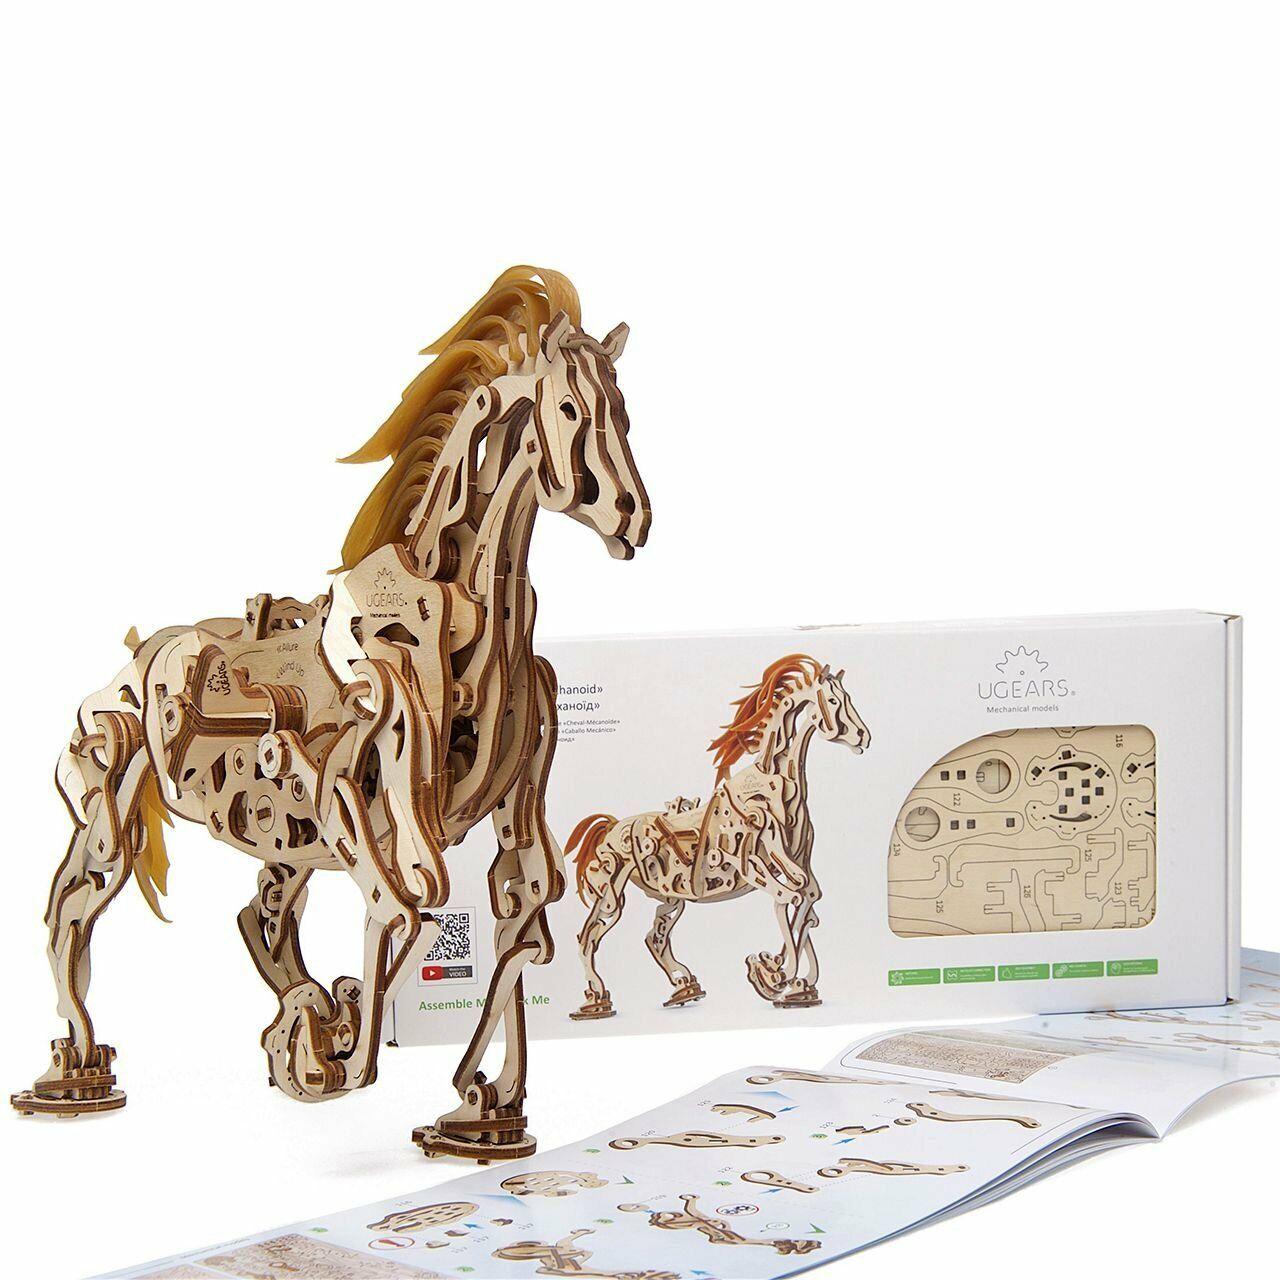 S. T. E. A.m. Ligne Jouets Ugears 3-d Puzzle en Bois - Mécanique Cheval